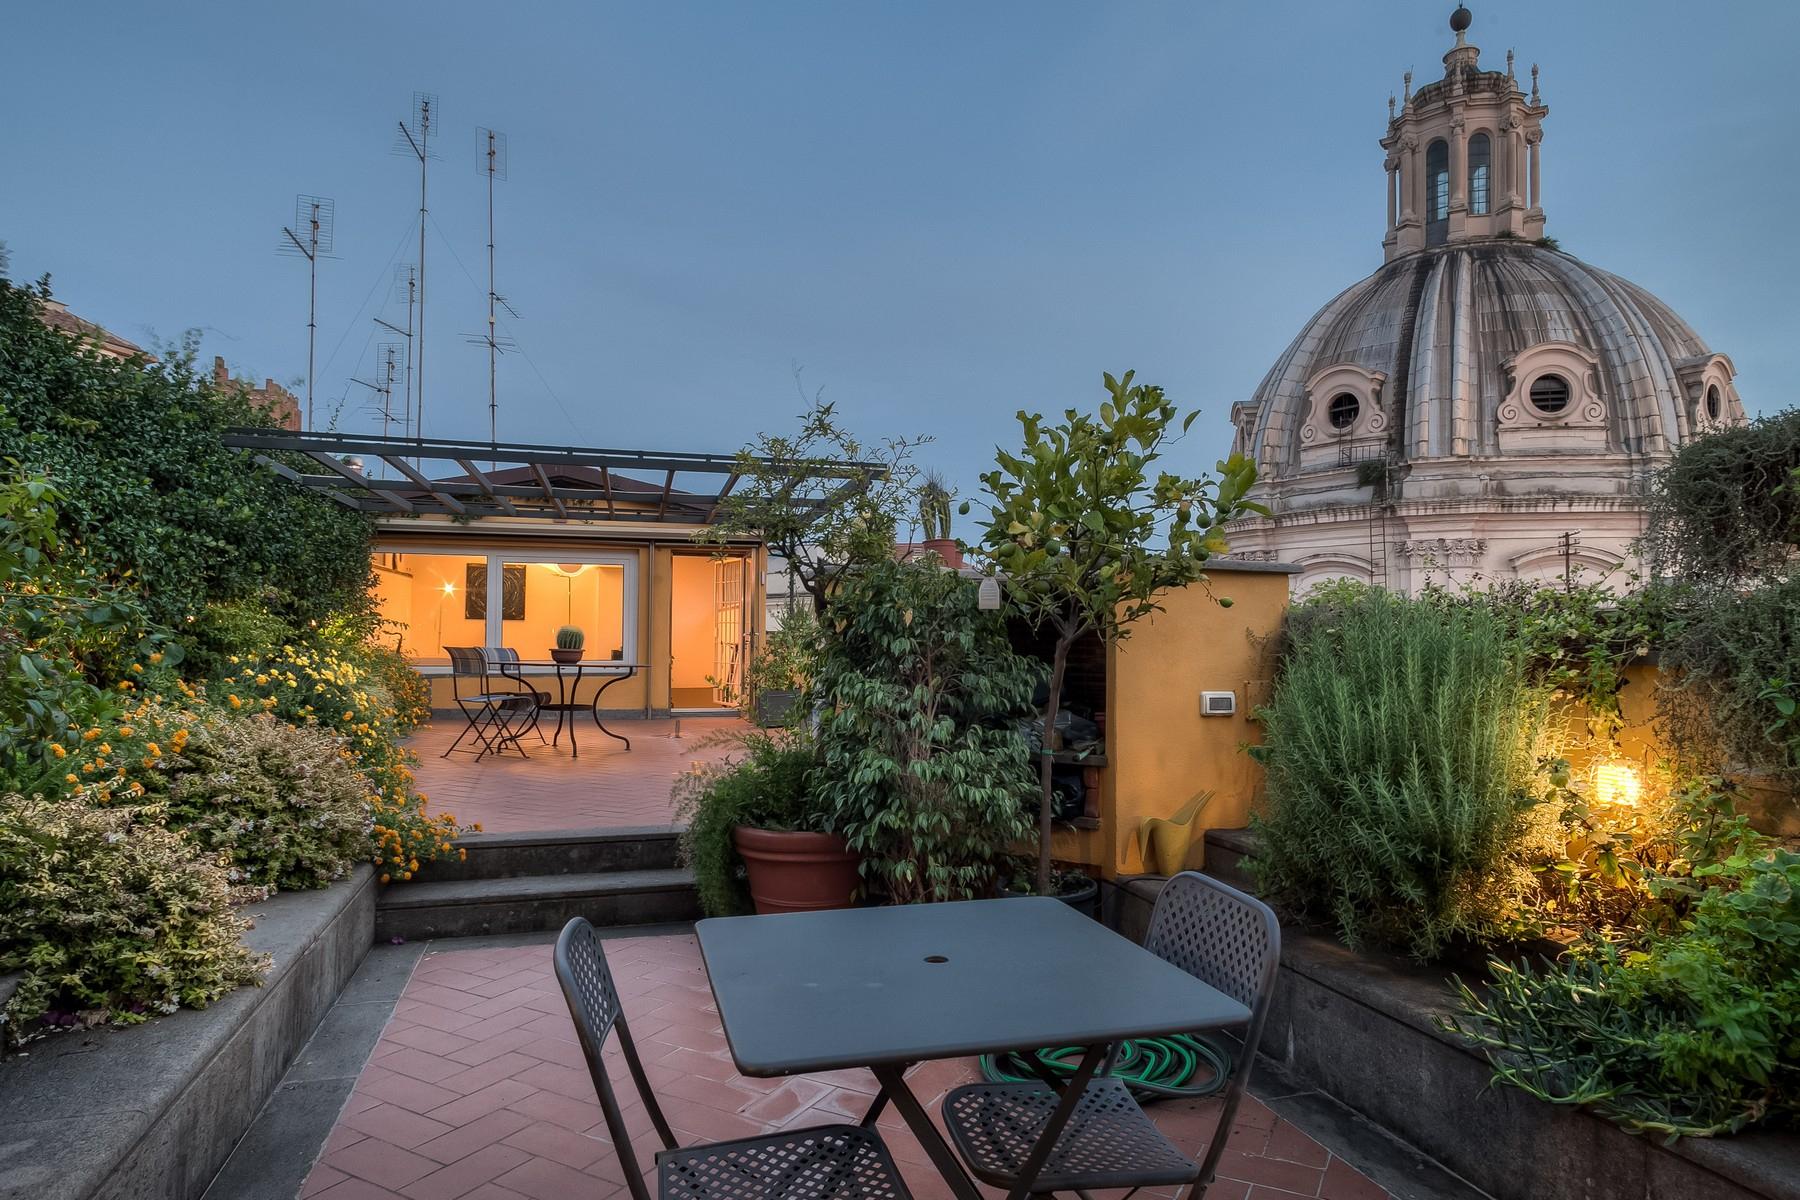 immobili di lusso a roma trovocasa pregio